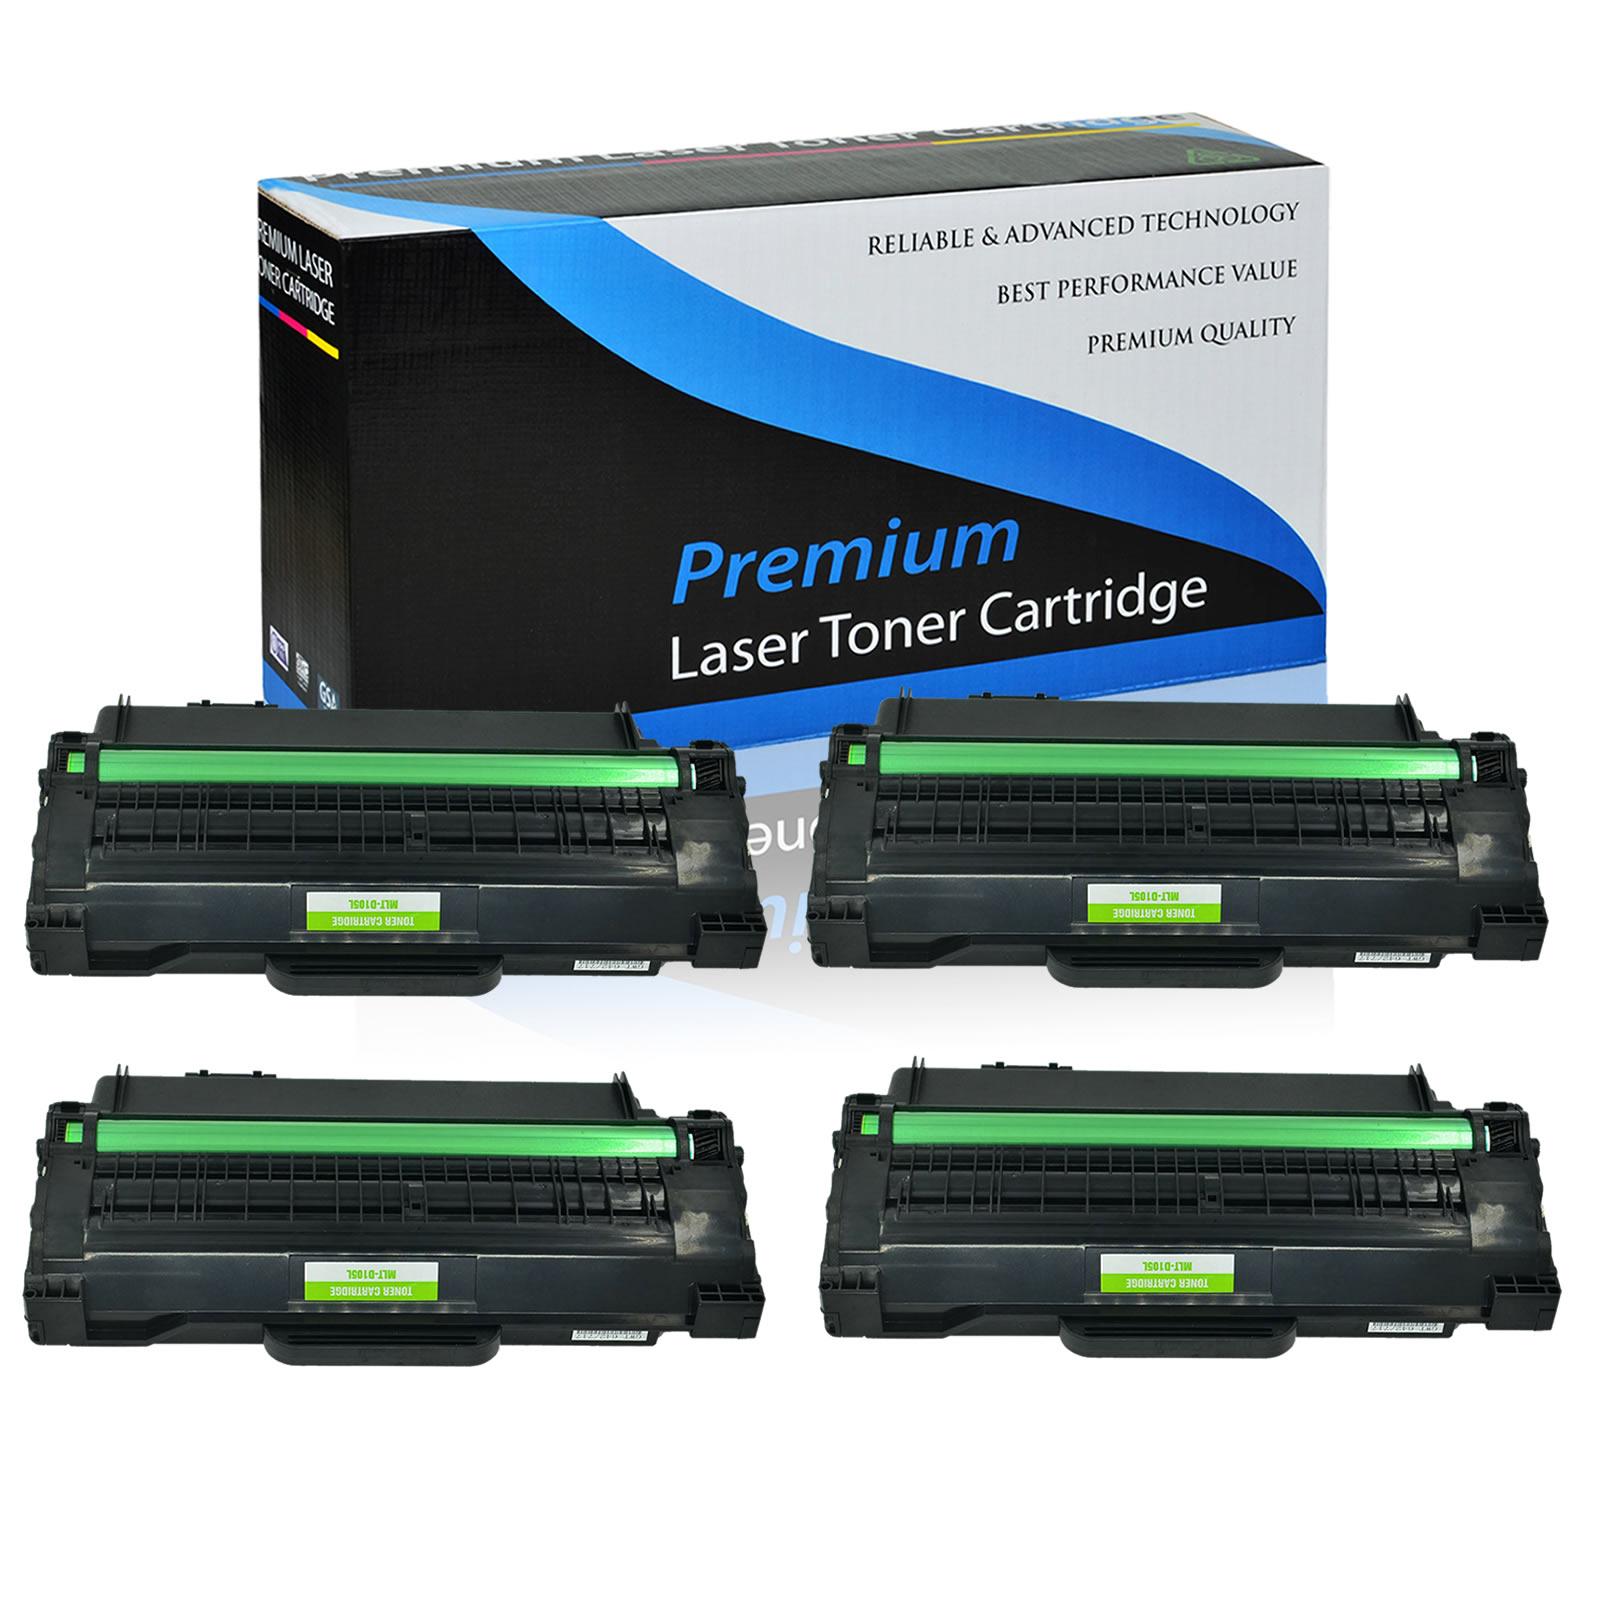 2xMLT-D105L Toner Cartridge For Samsung ML-2540 ML-2545 ML-2580n SF-650 SF-650P